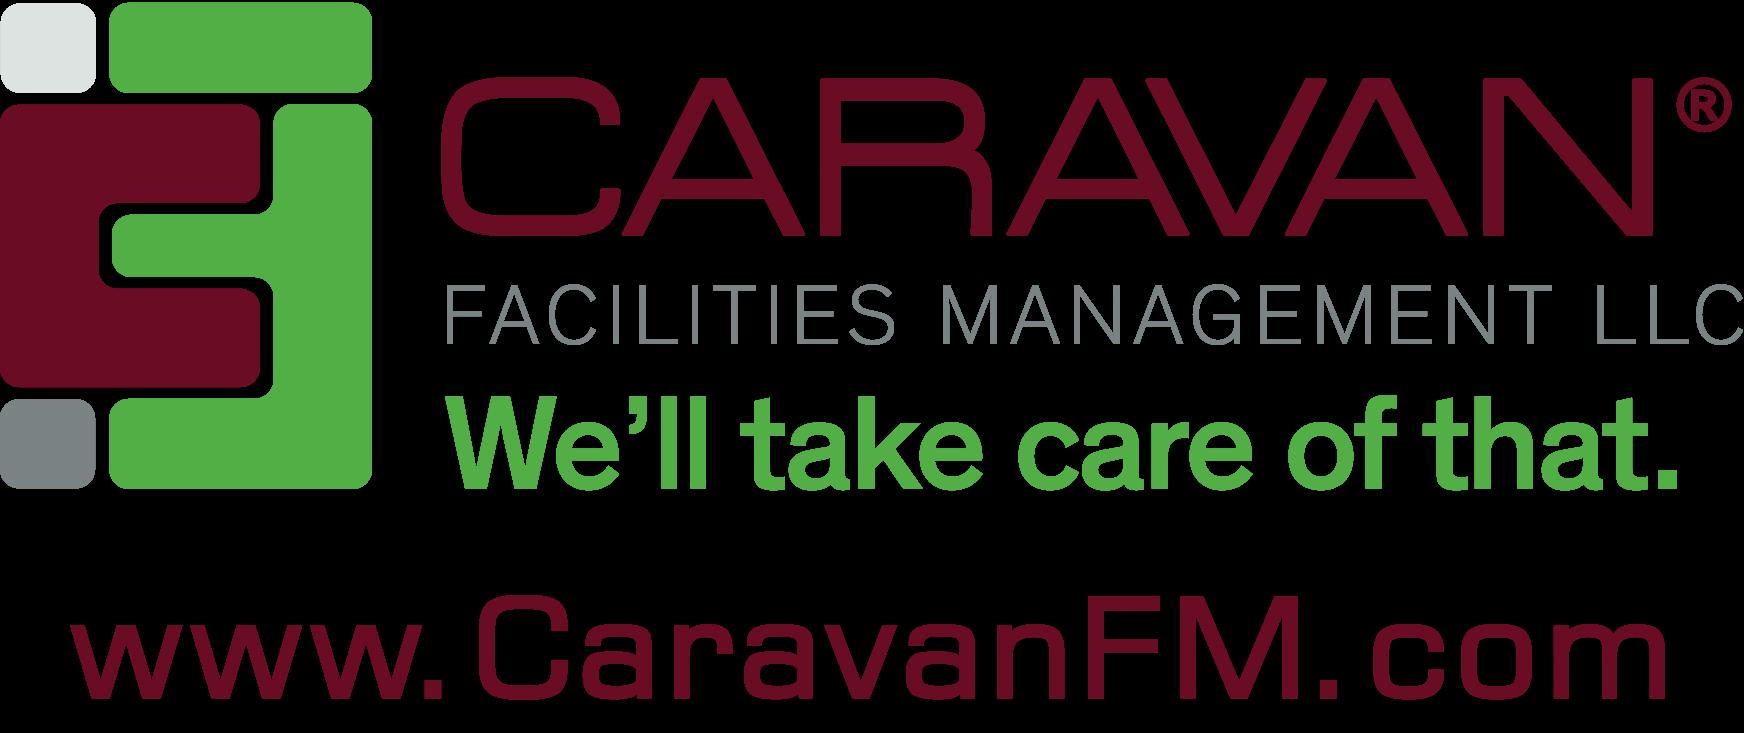 Caravan_Horiz_Logo_withweb (2).png